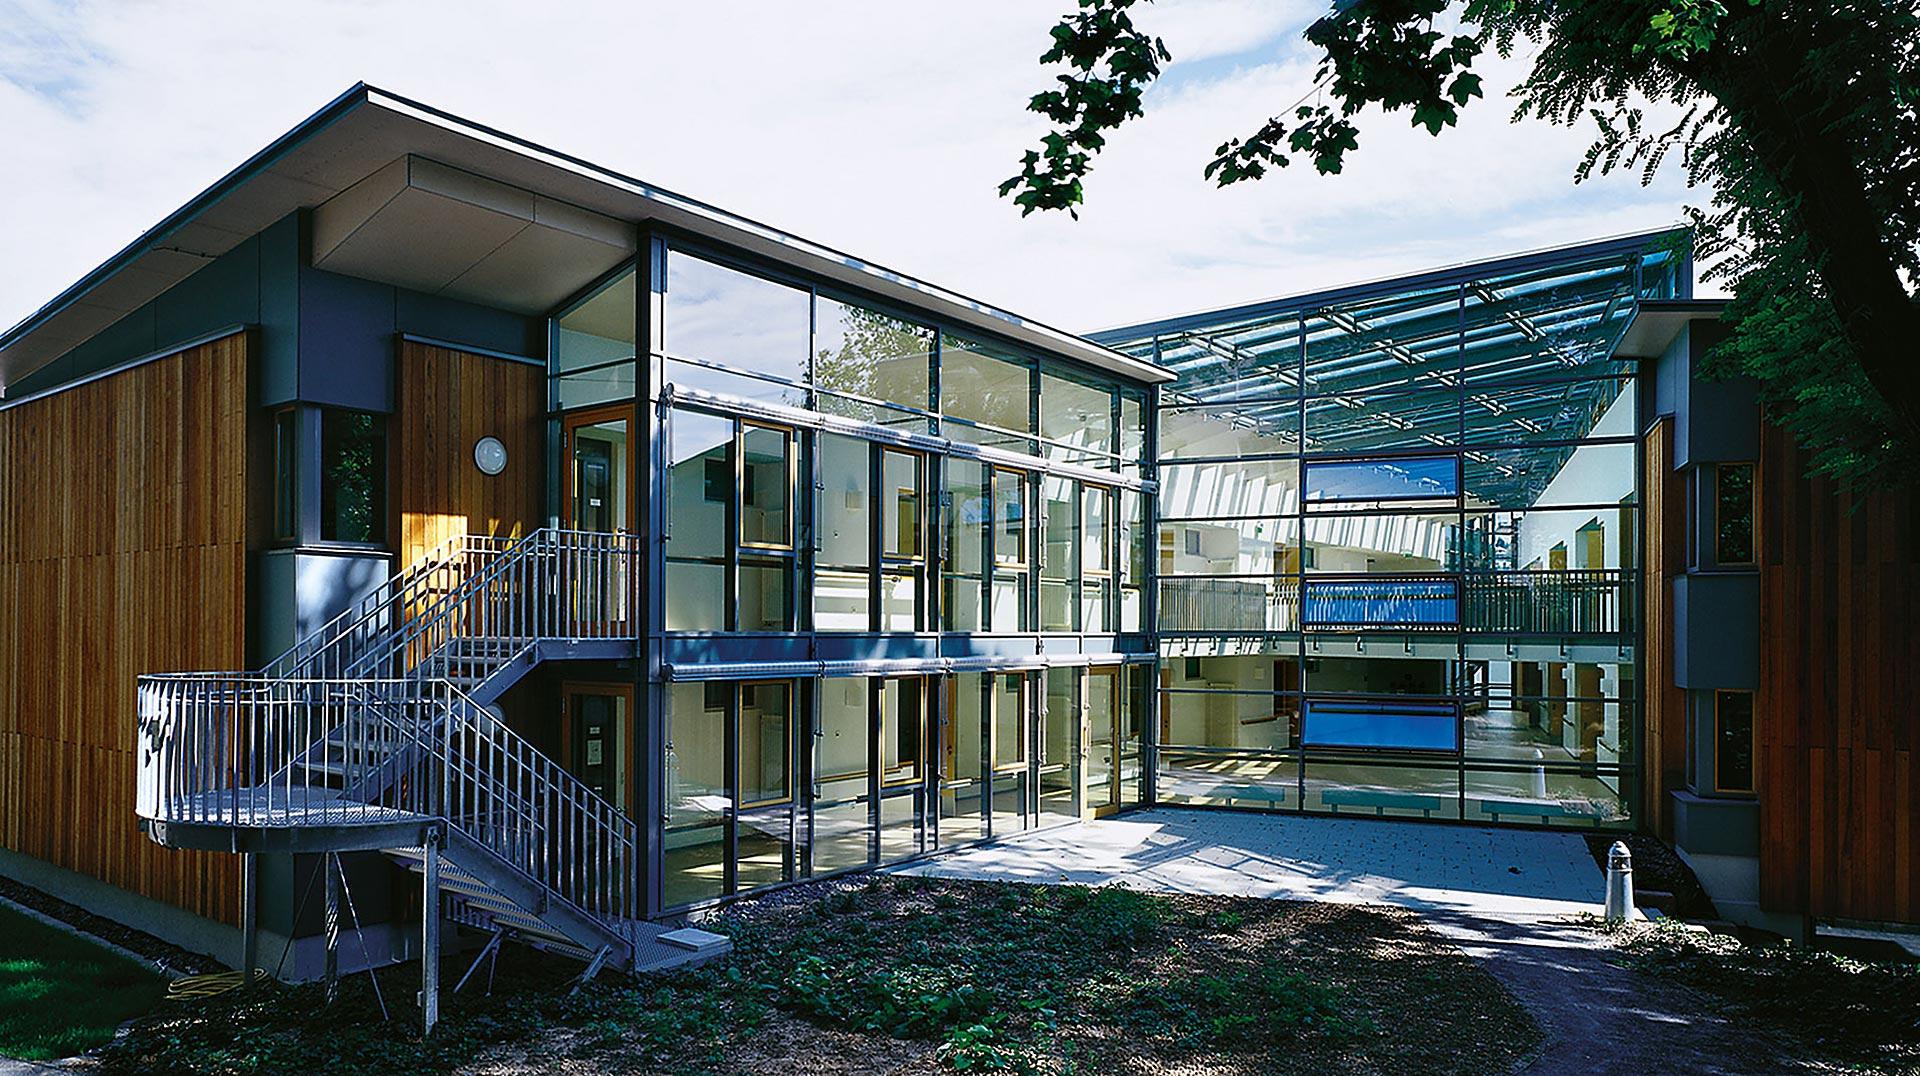 walter geiger haus in pforzheim oho architekten stuttgart. Black Bedroom Furniture Sets. Home Design Ideas